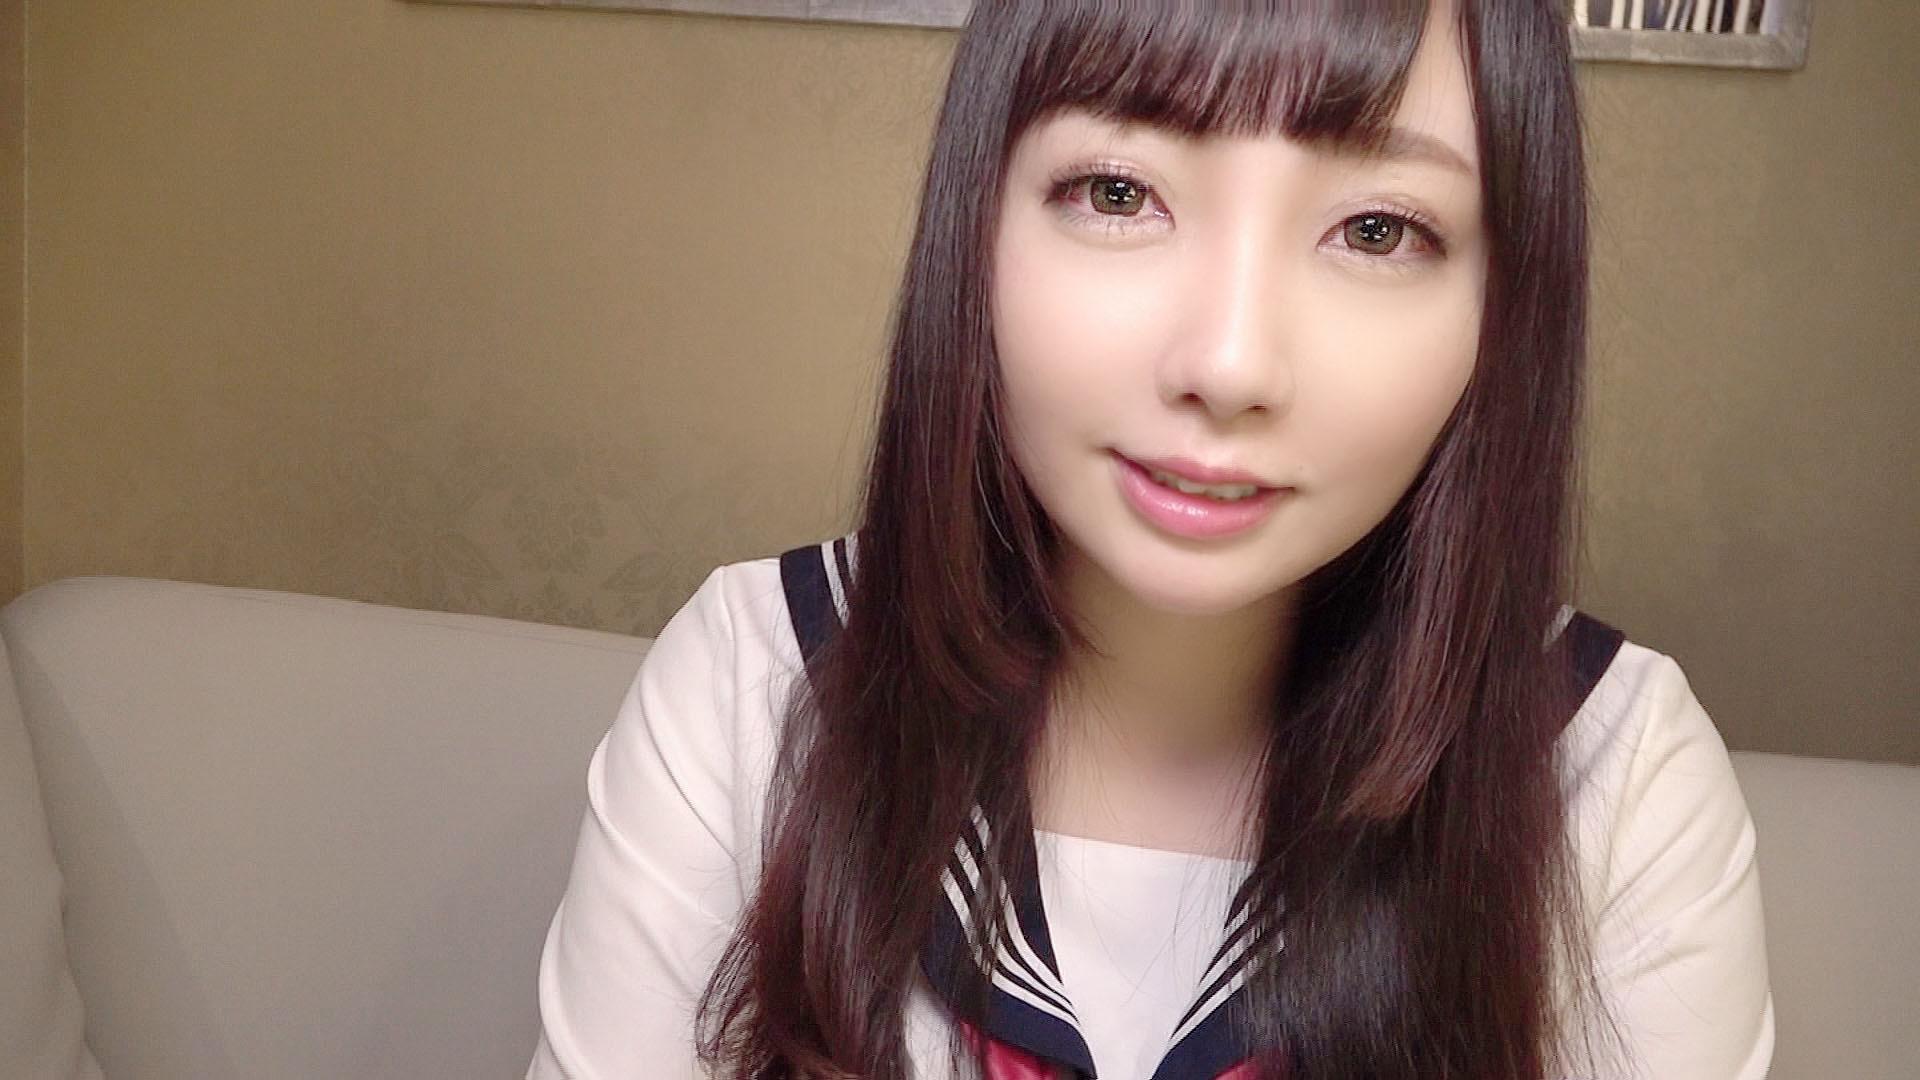 完ナマSTYLE@みなみ 港区お嬢様●校 Fカップ中出し希望J●